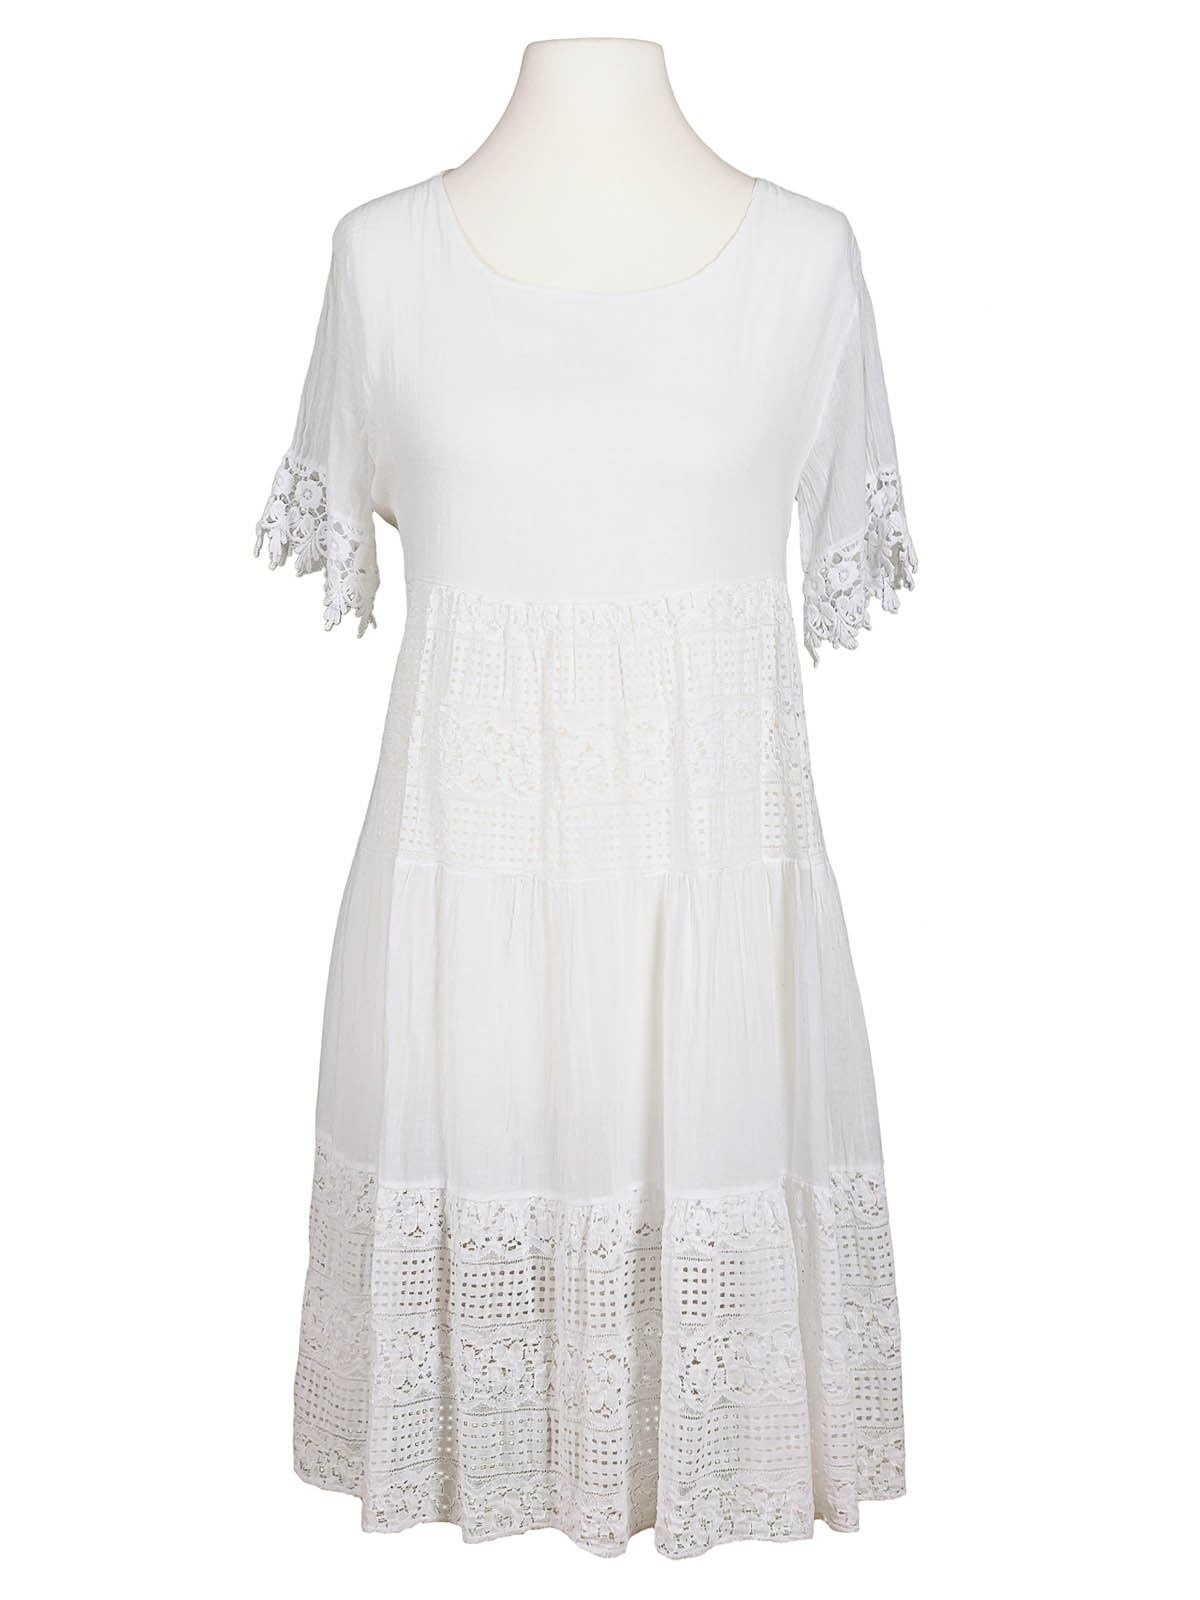 15 Schön Kleid Weiß Spitze Boutique15 Schön Kleid Weiß Spitze Spezialgebiet